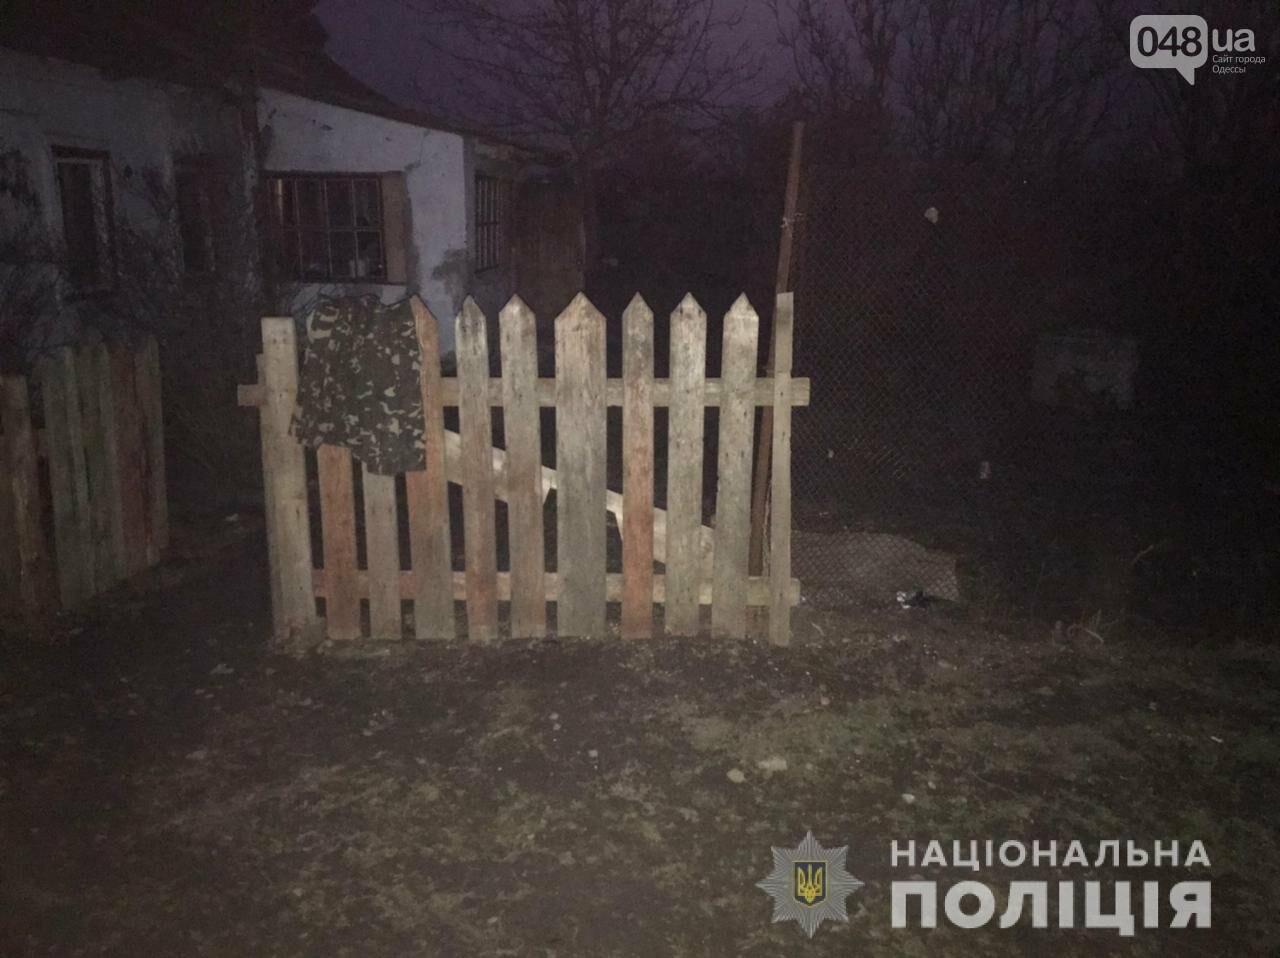 В Одесской области распитие алкоголя закончилось кровопролитием, - ФОТО, фото-2